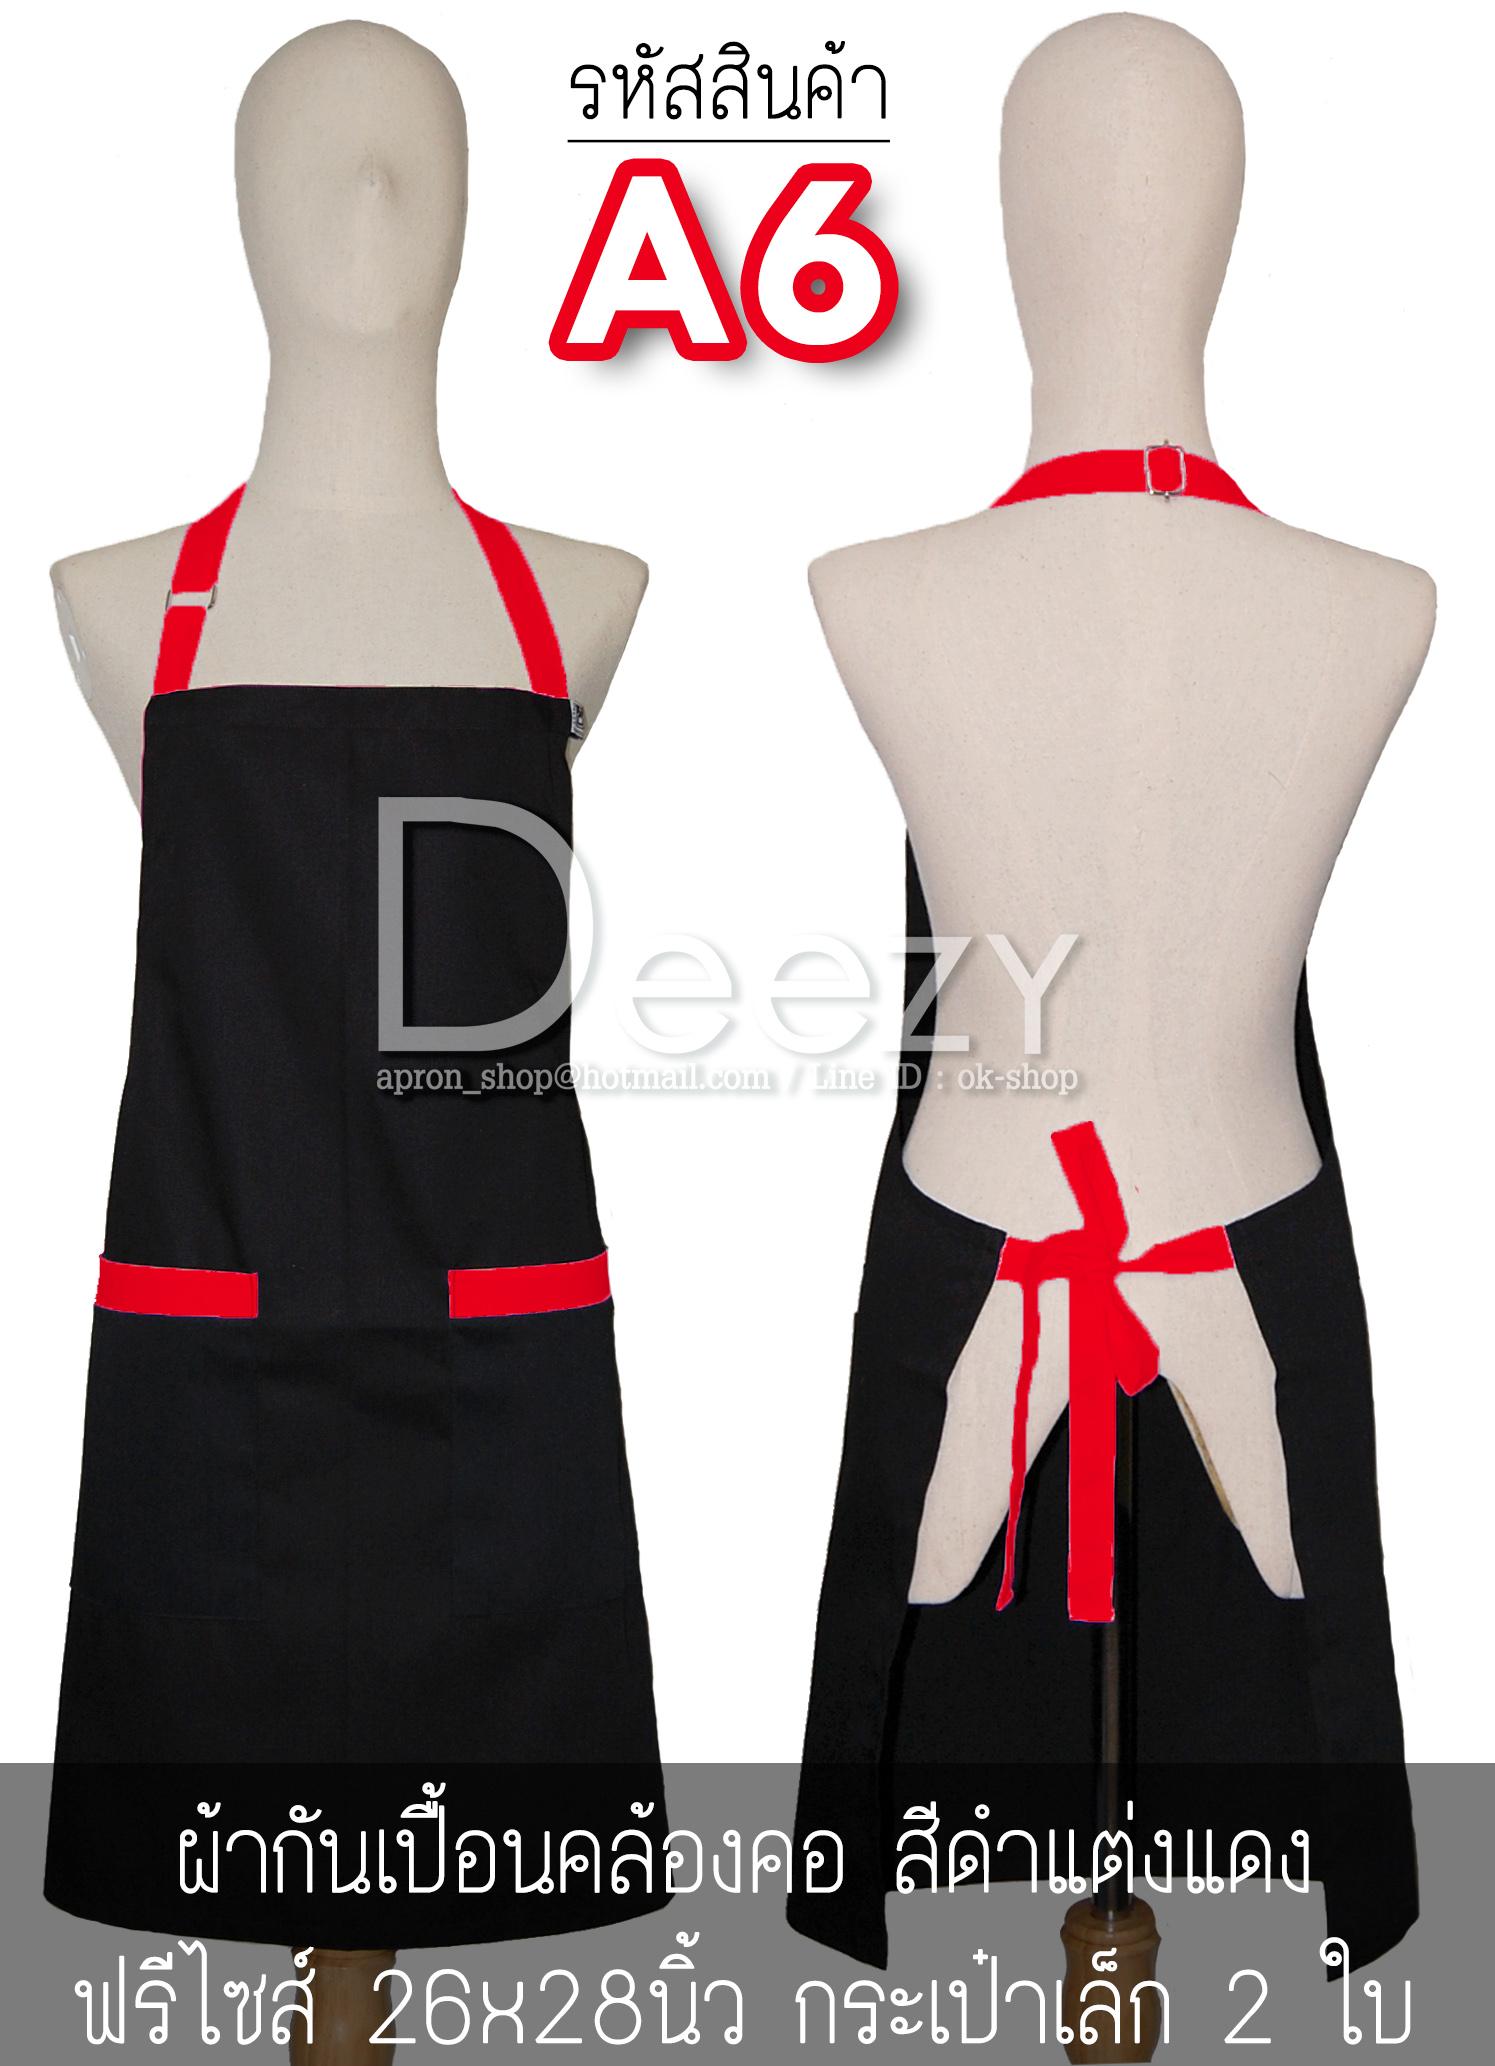 ผ้ากันเปื้อนคล้องคอ สีดำแต่งสายสีแดง 2 กระเป๋า